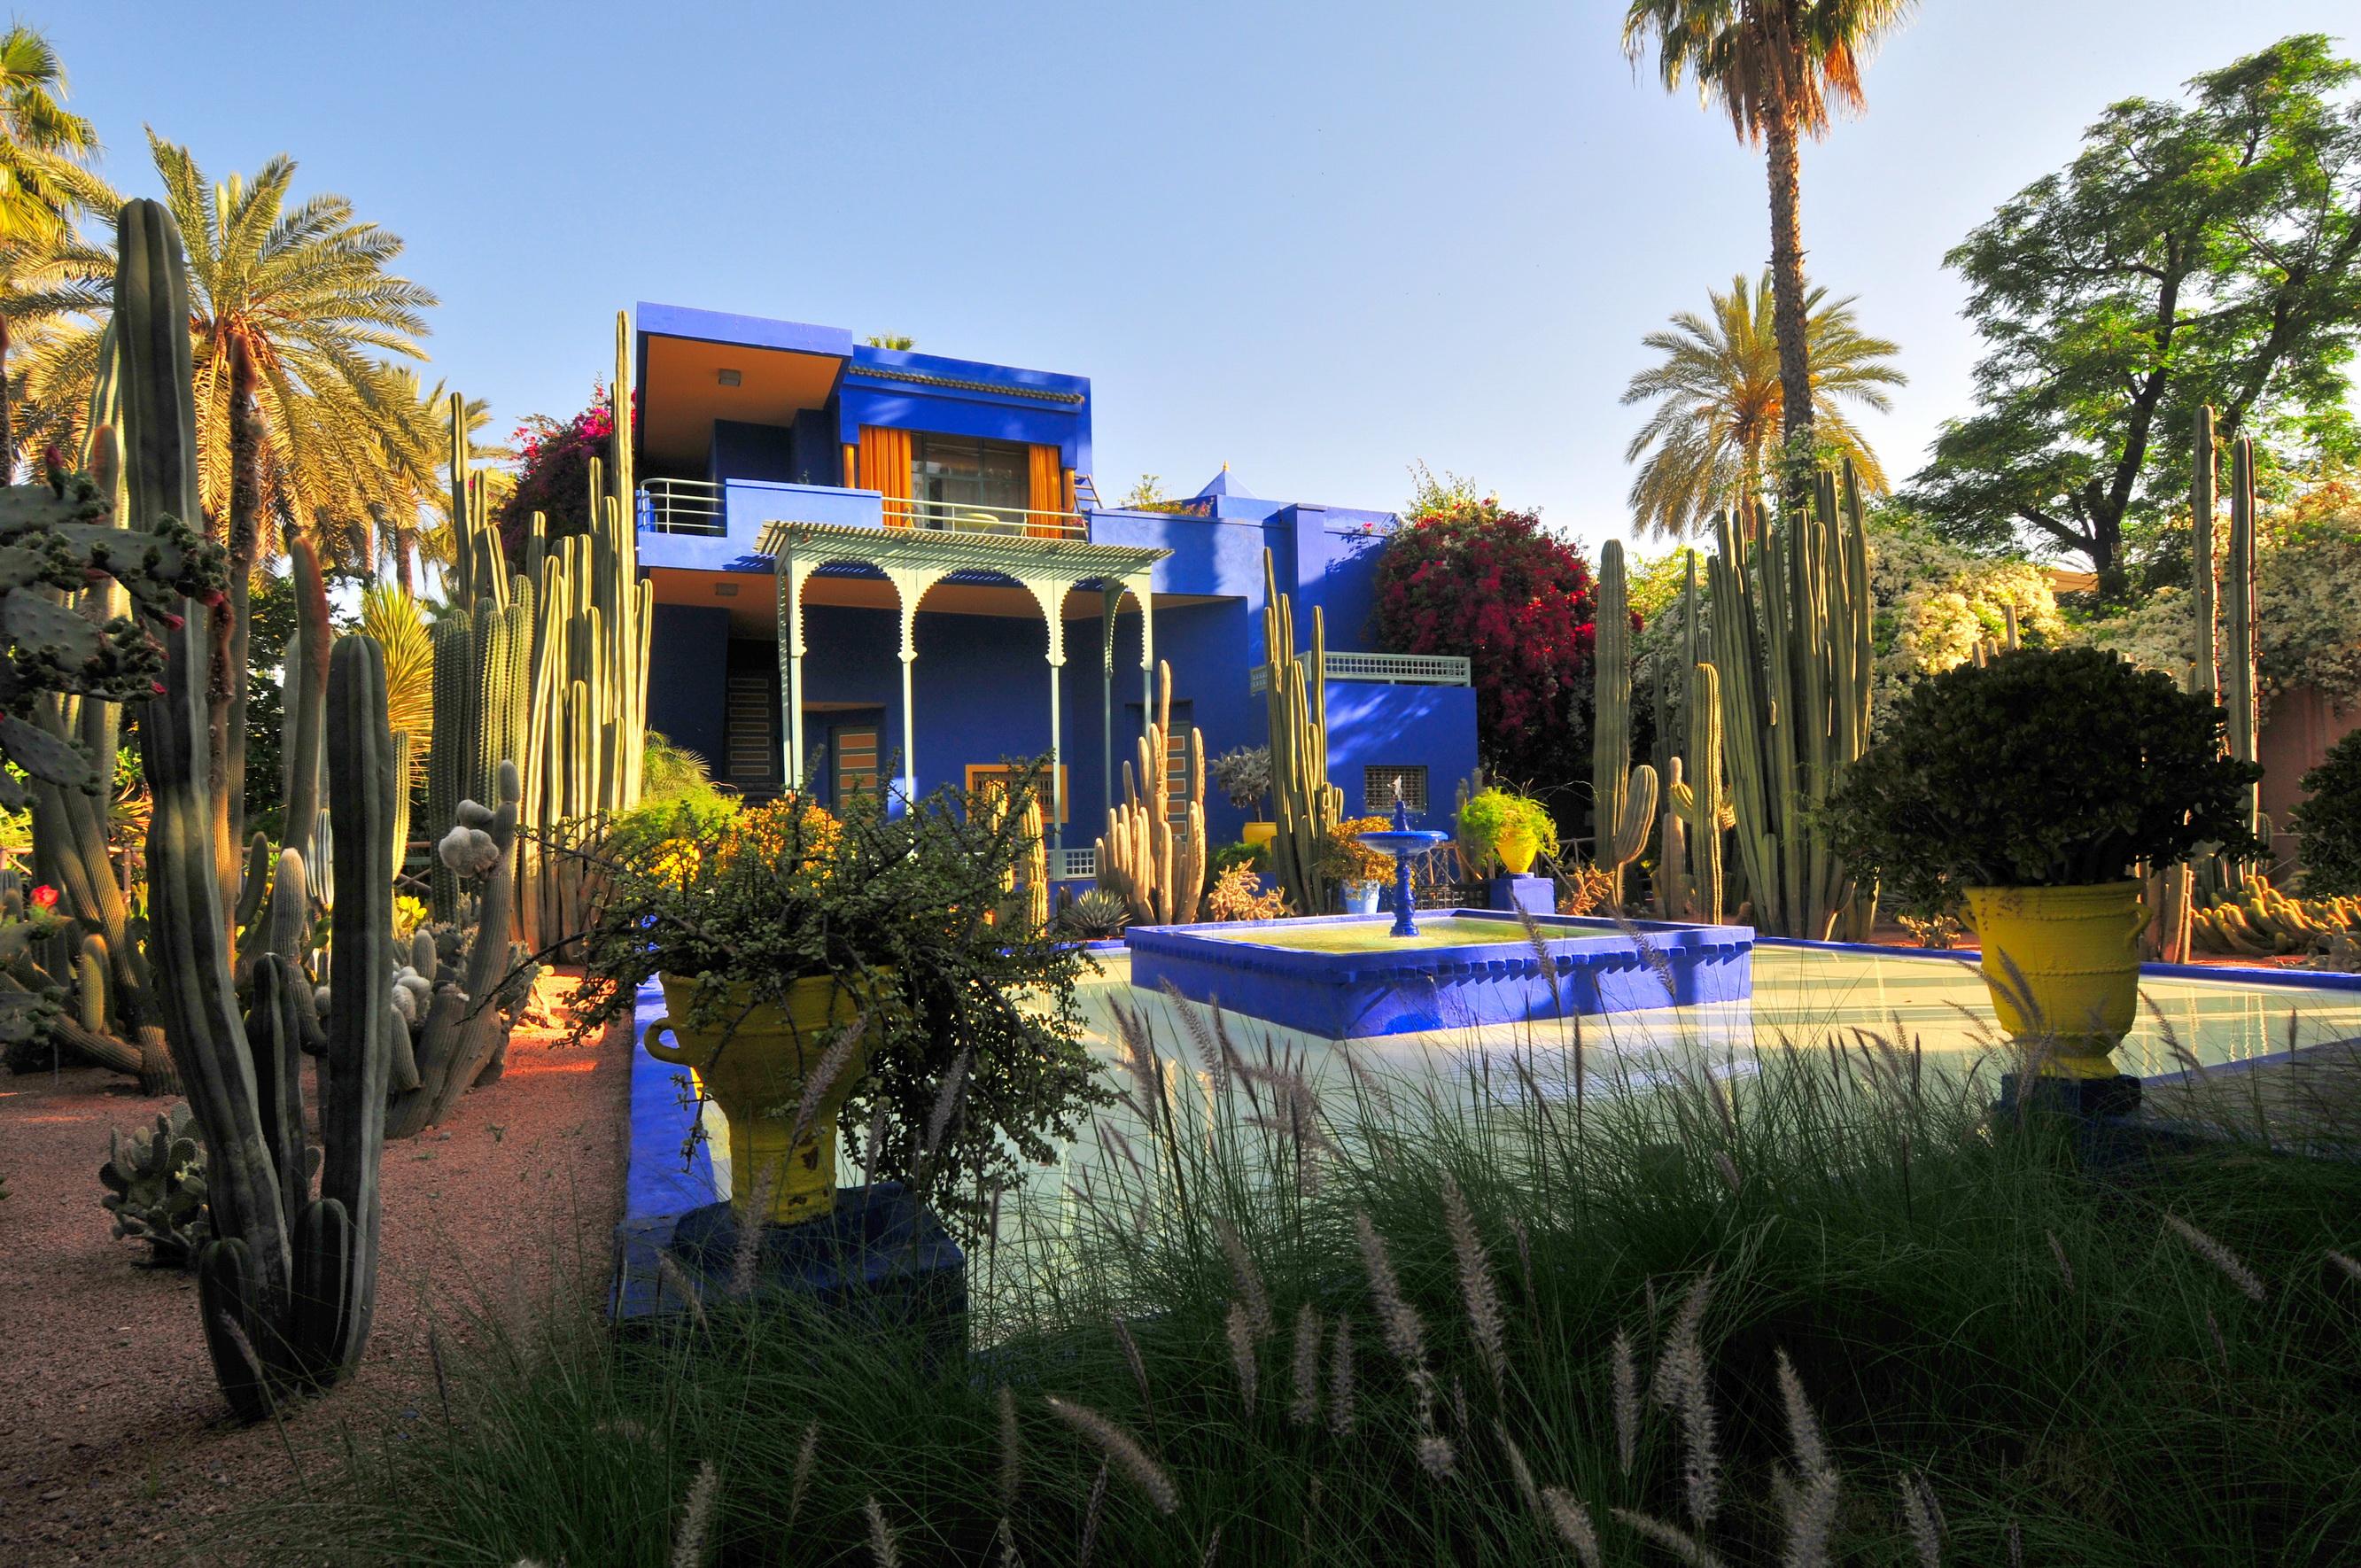 Mon beau maroc marrakech l 39 autre visage de la las vegas for Jardin majorelle